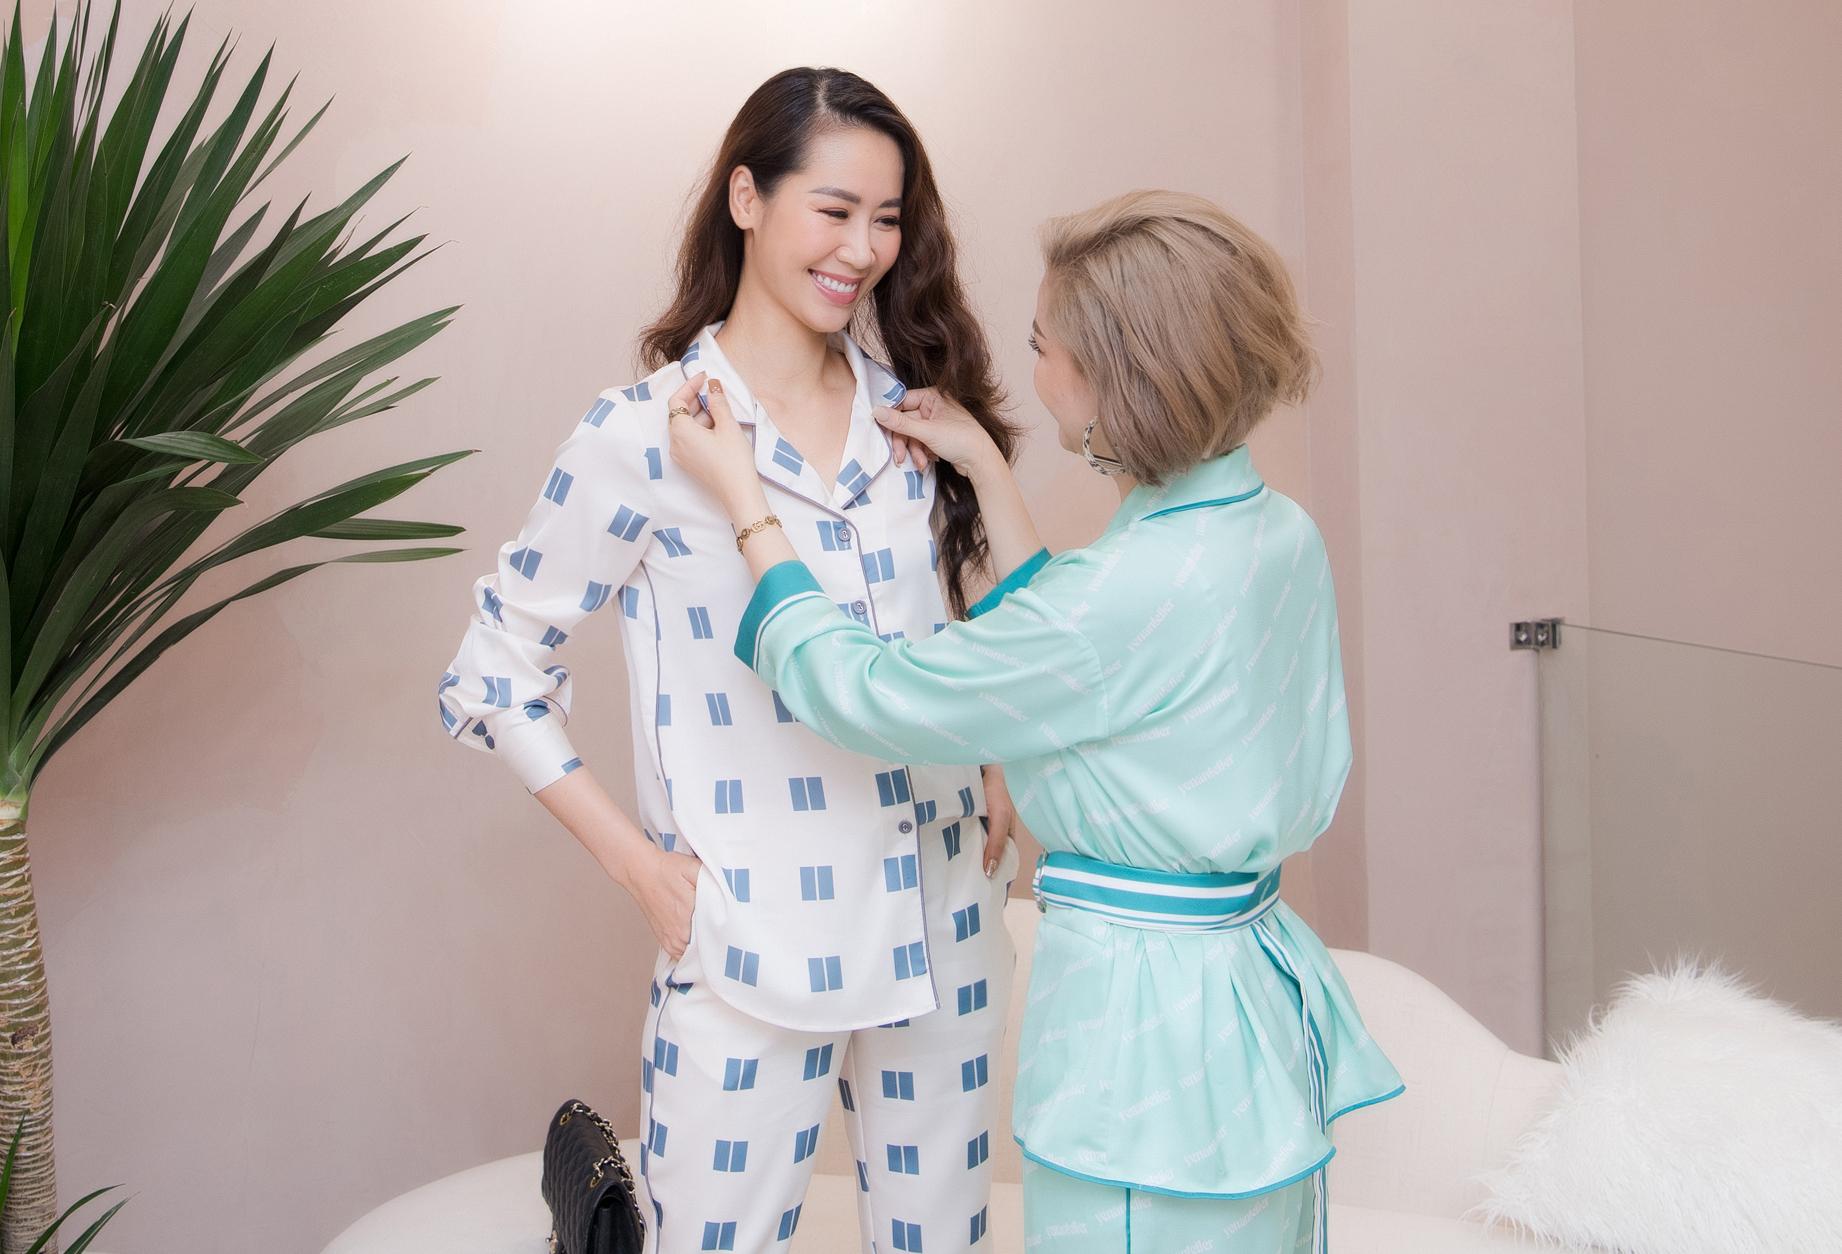 Dương Thùy Linh ướm thử một bộ pyjama tông xanh thanh lịch, nền nã.